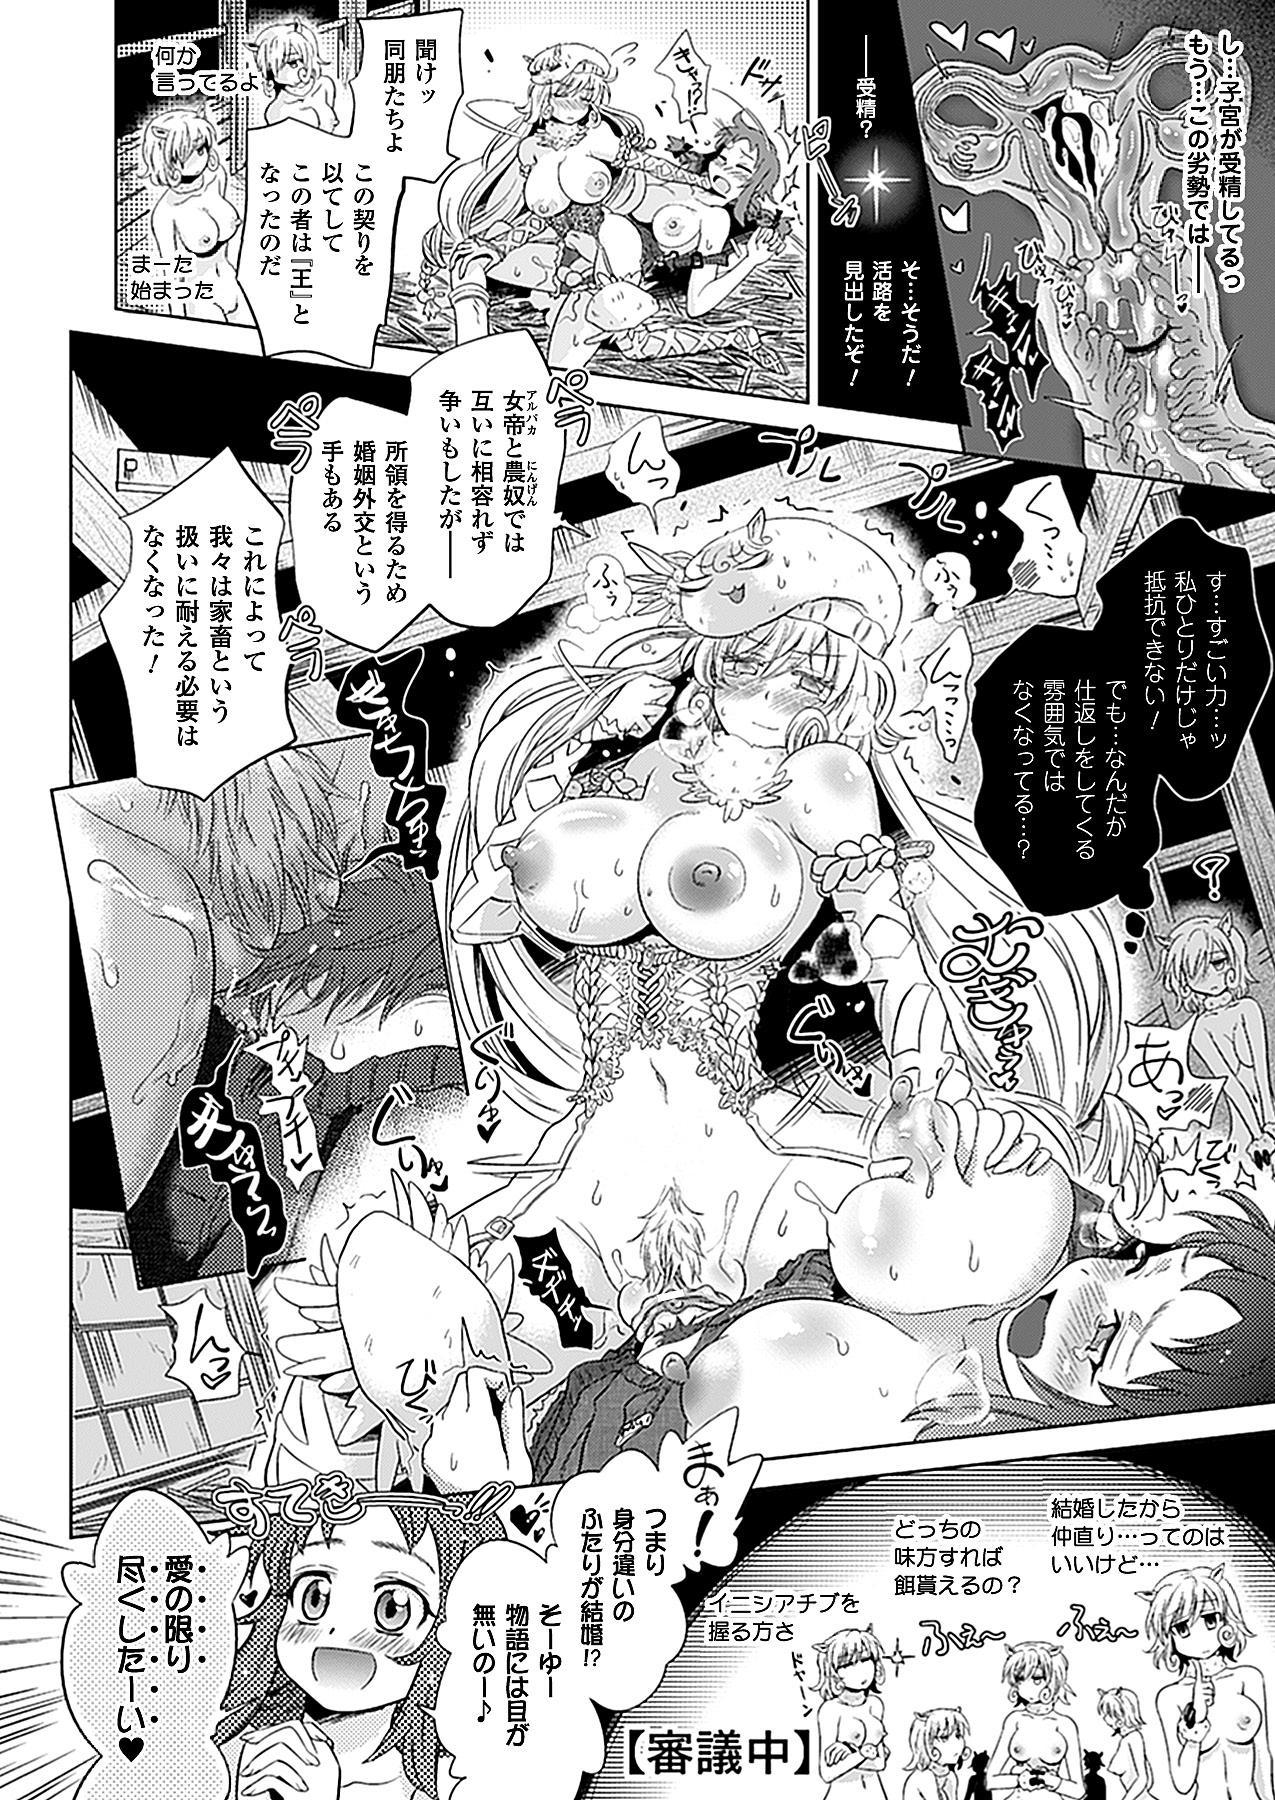 COMIC Unreal 2012-02 Vol. 35 384